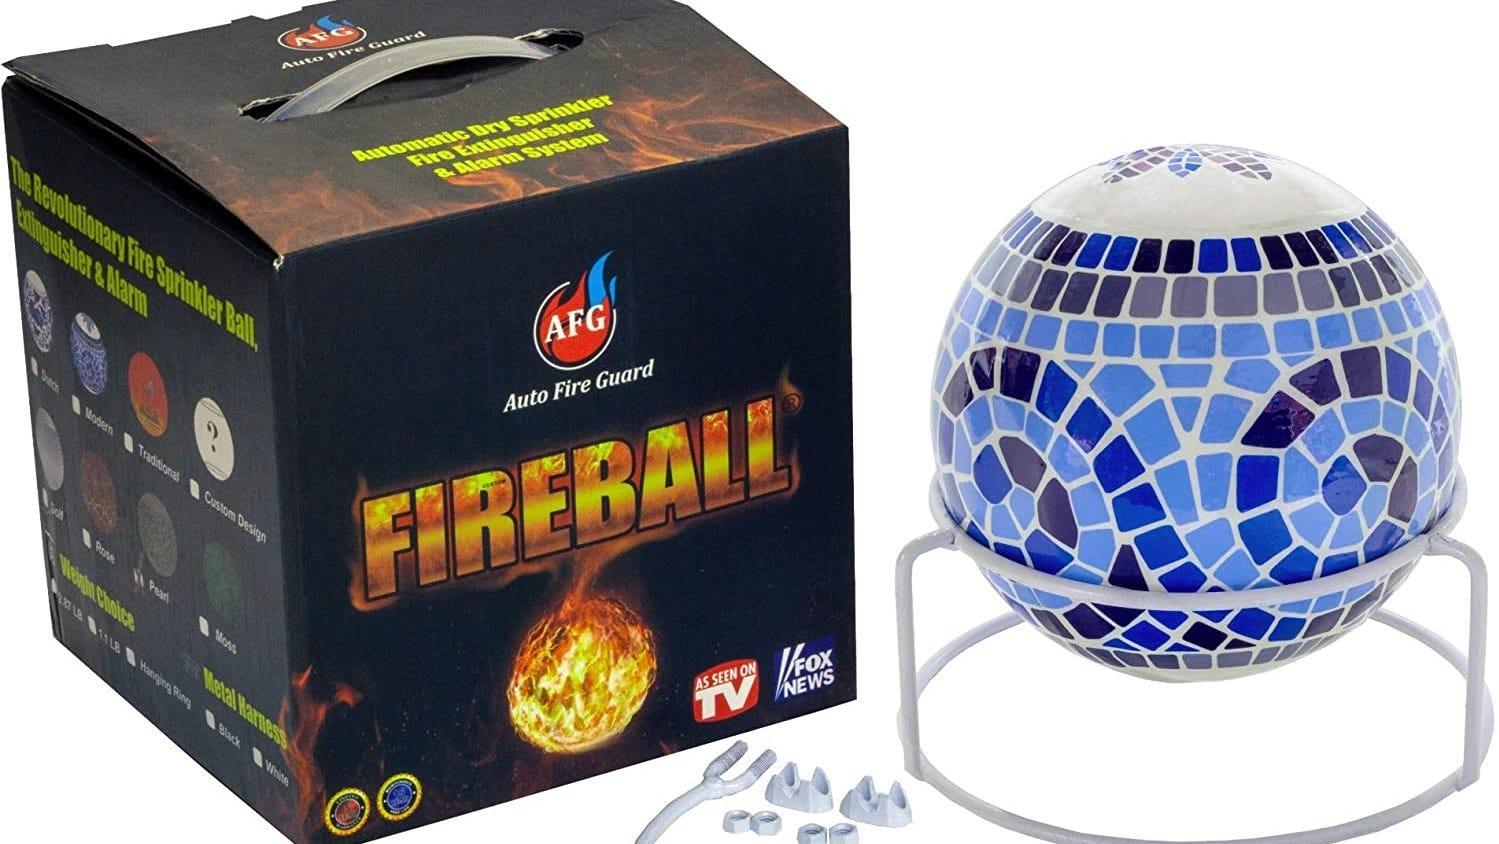 The AFG Fireball.